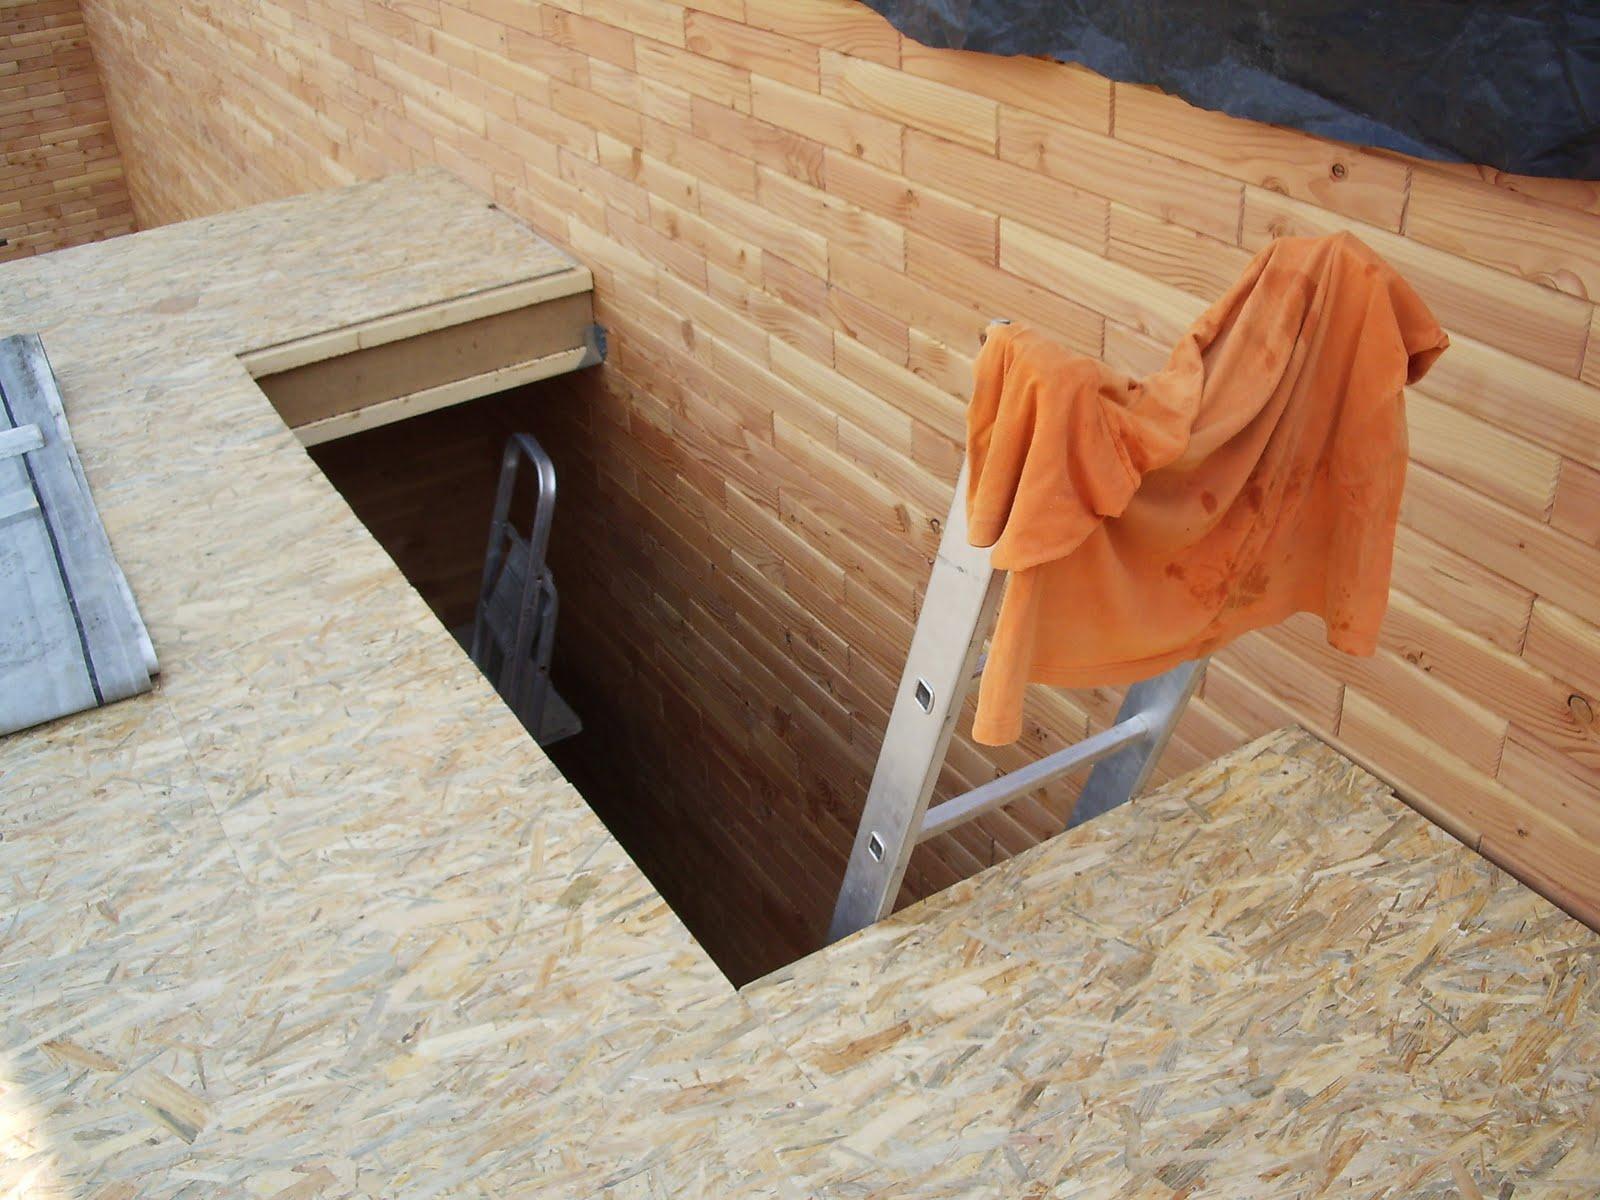 ma maison en parpaings de bois BVB Le solivage de la moitié de la maison& plancherétage # Solivage Plancher Bois